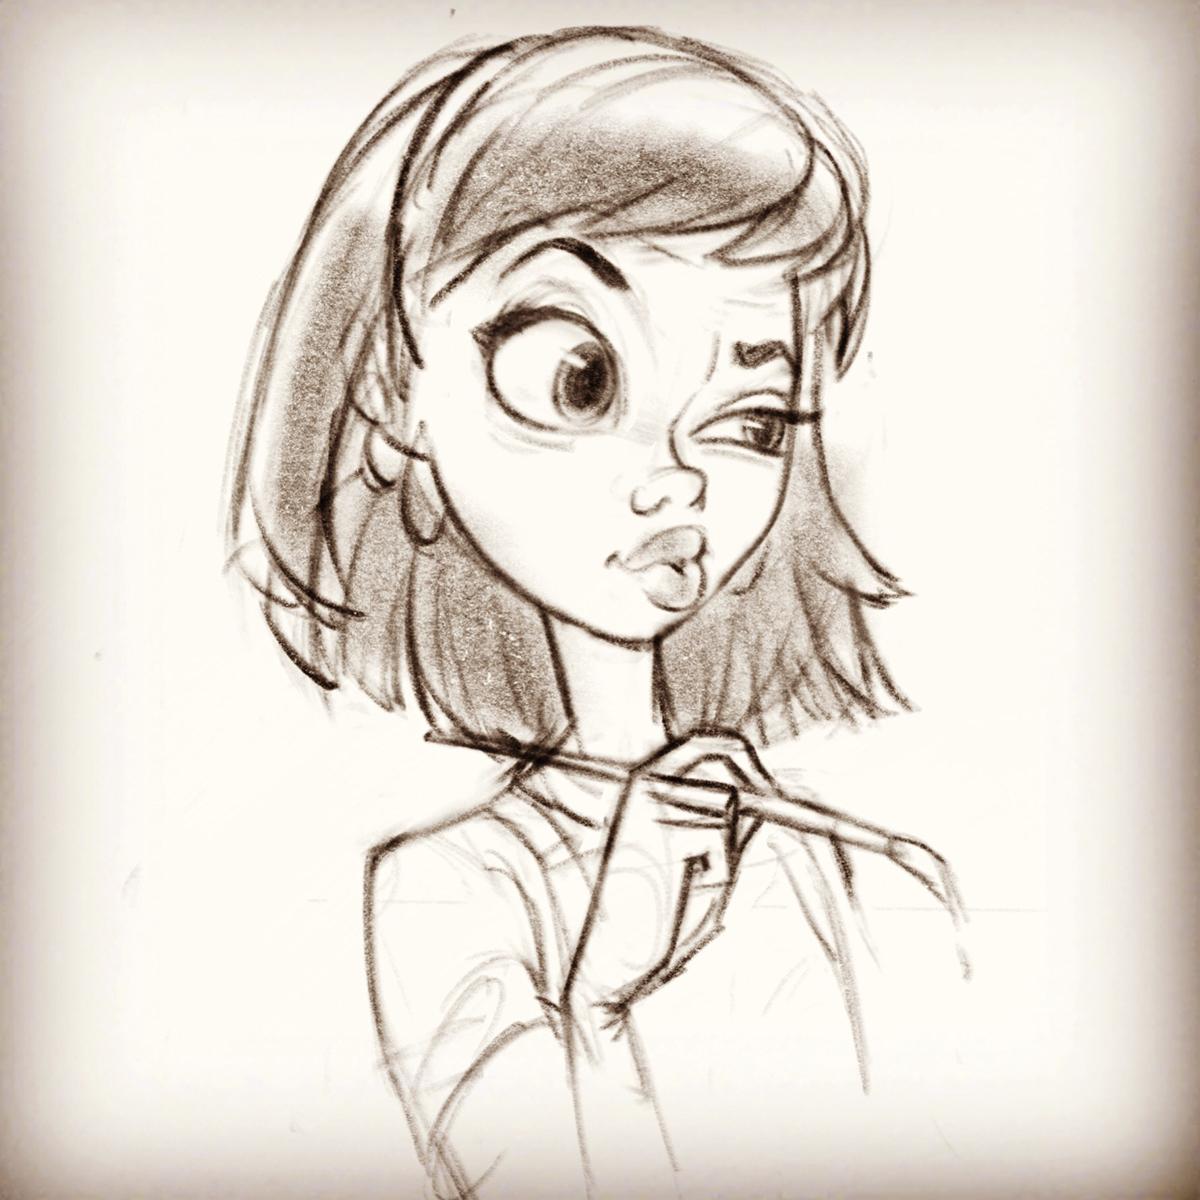 Random girl sketches on behance